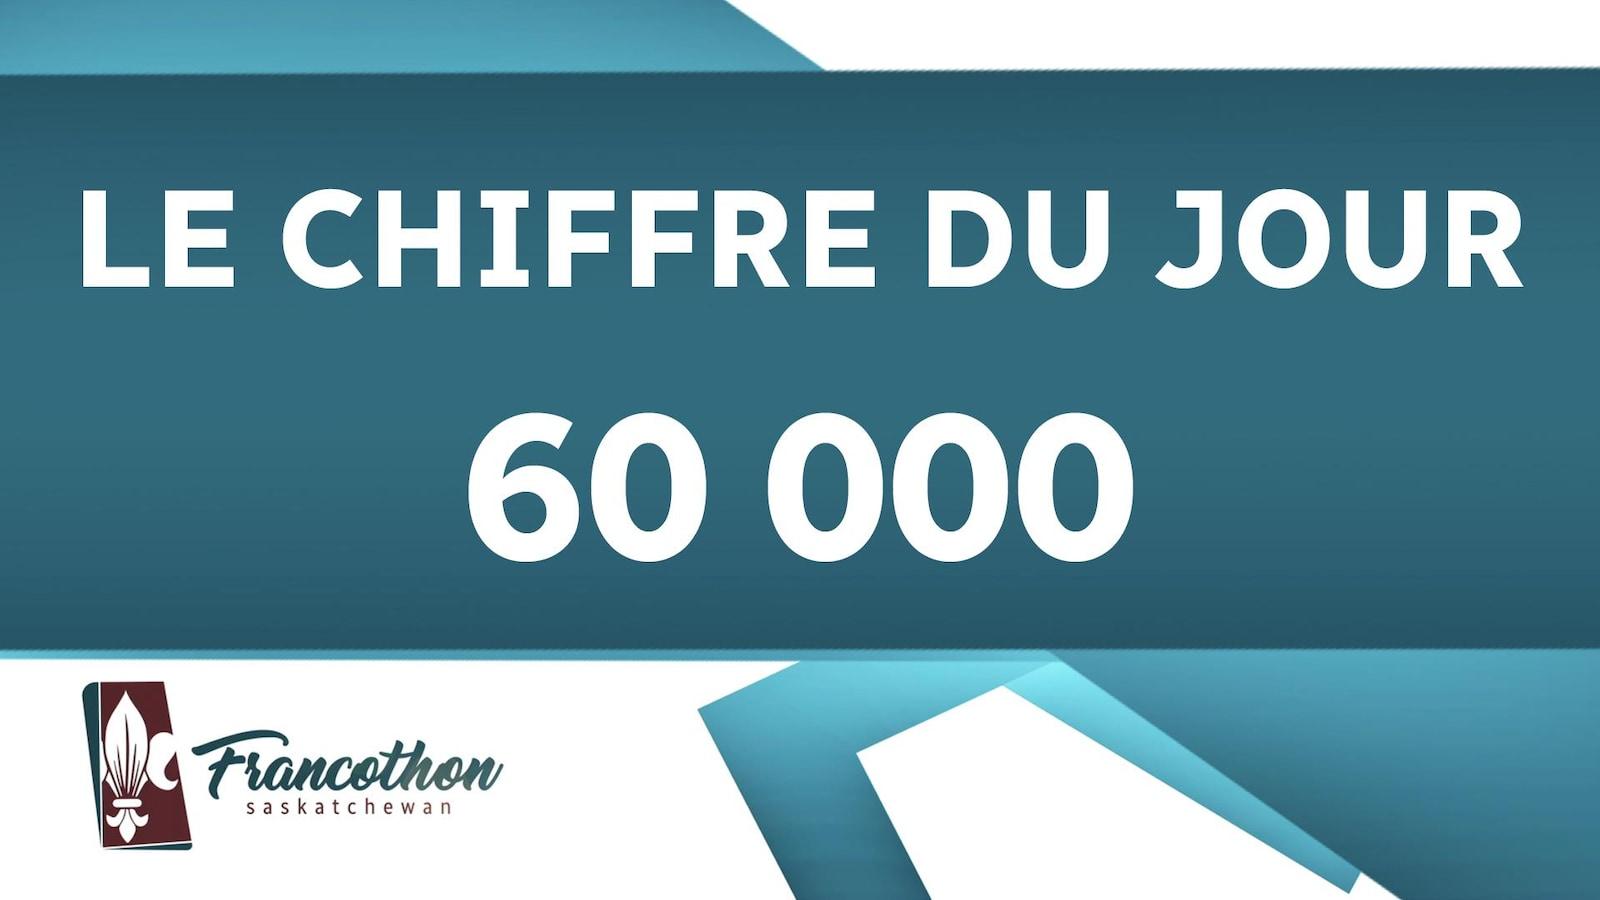 Le chiffre du jour : 60 000, avec le logo du Francothon Saskatchewan